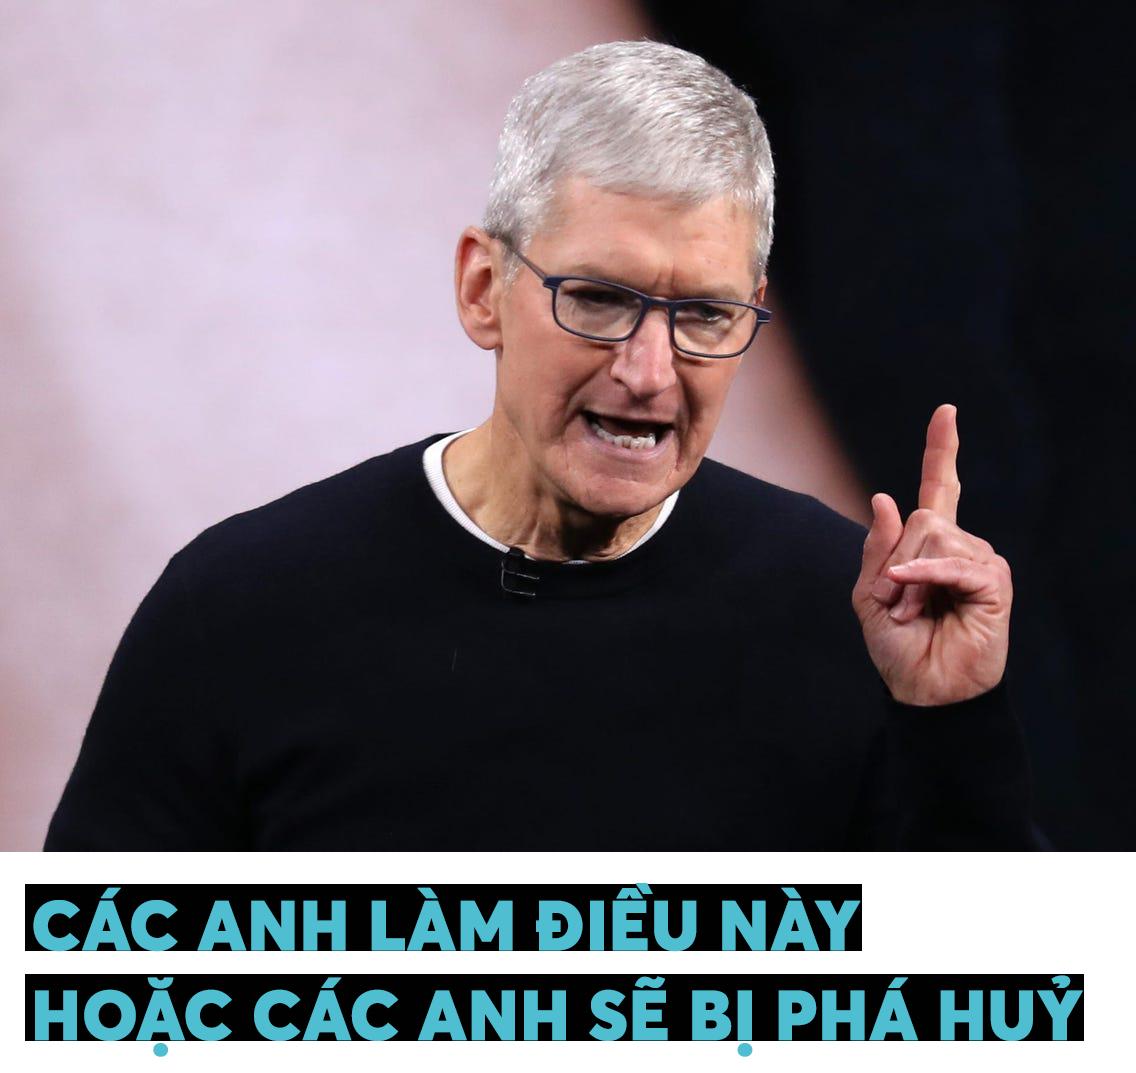 [eMagazine] Tim Cook vượt qua cái bóng của Steve Jobs xây 'thành trì' Apple 2,3 nghìn tỉ USD như thế nào? - Ảnh 6.